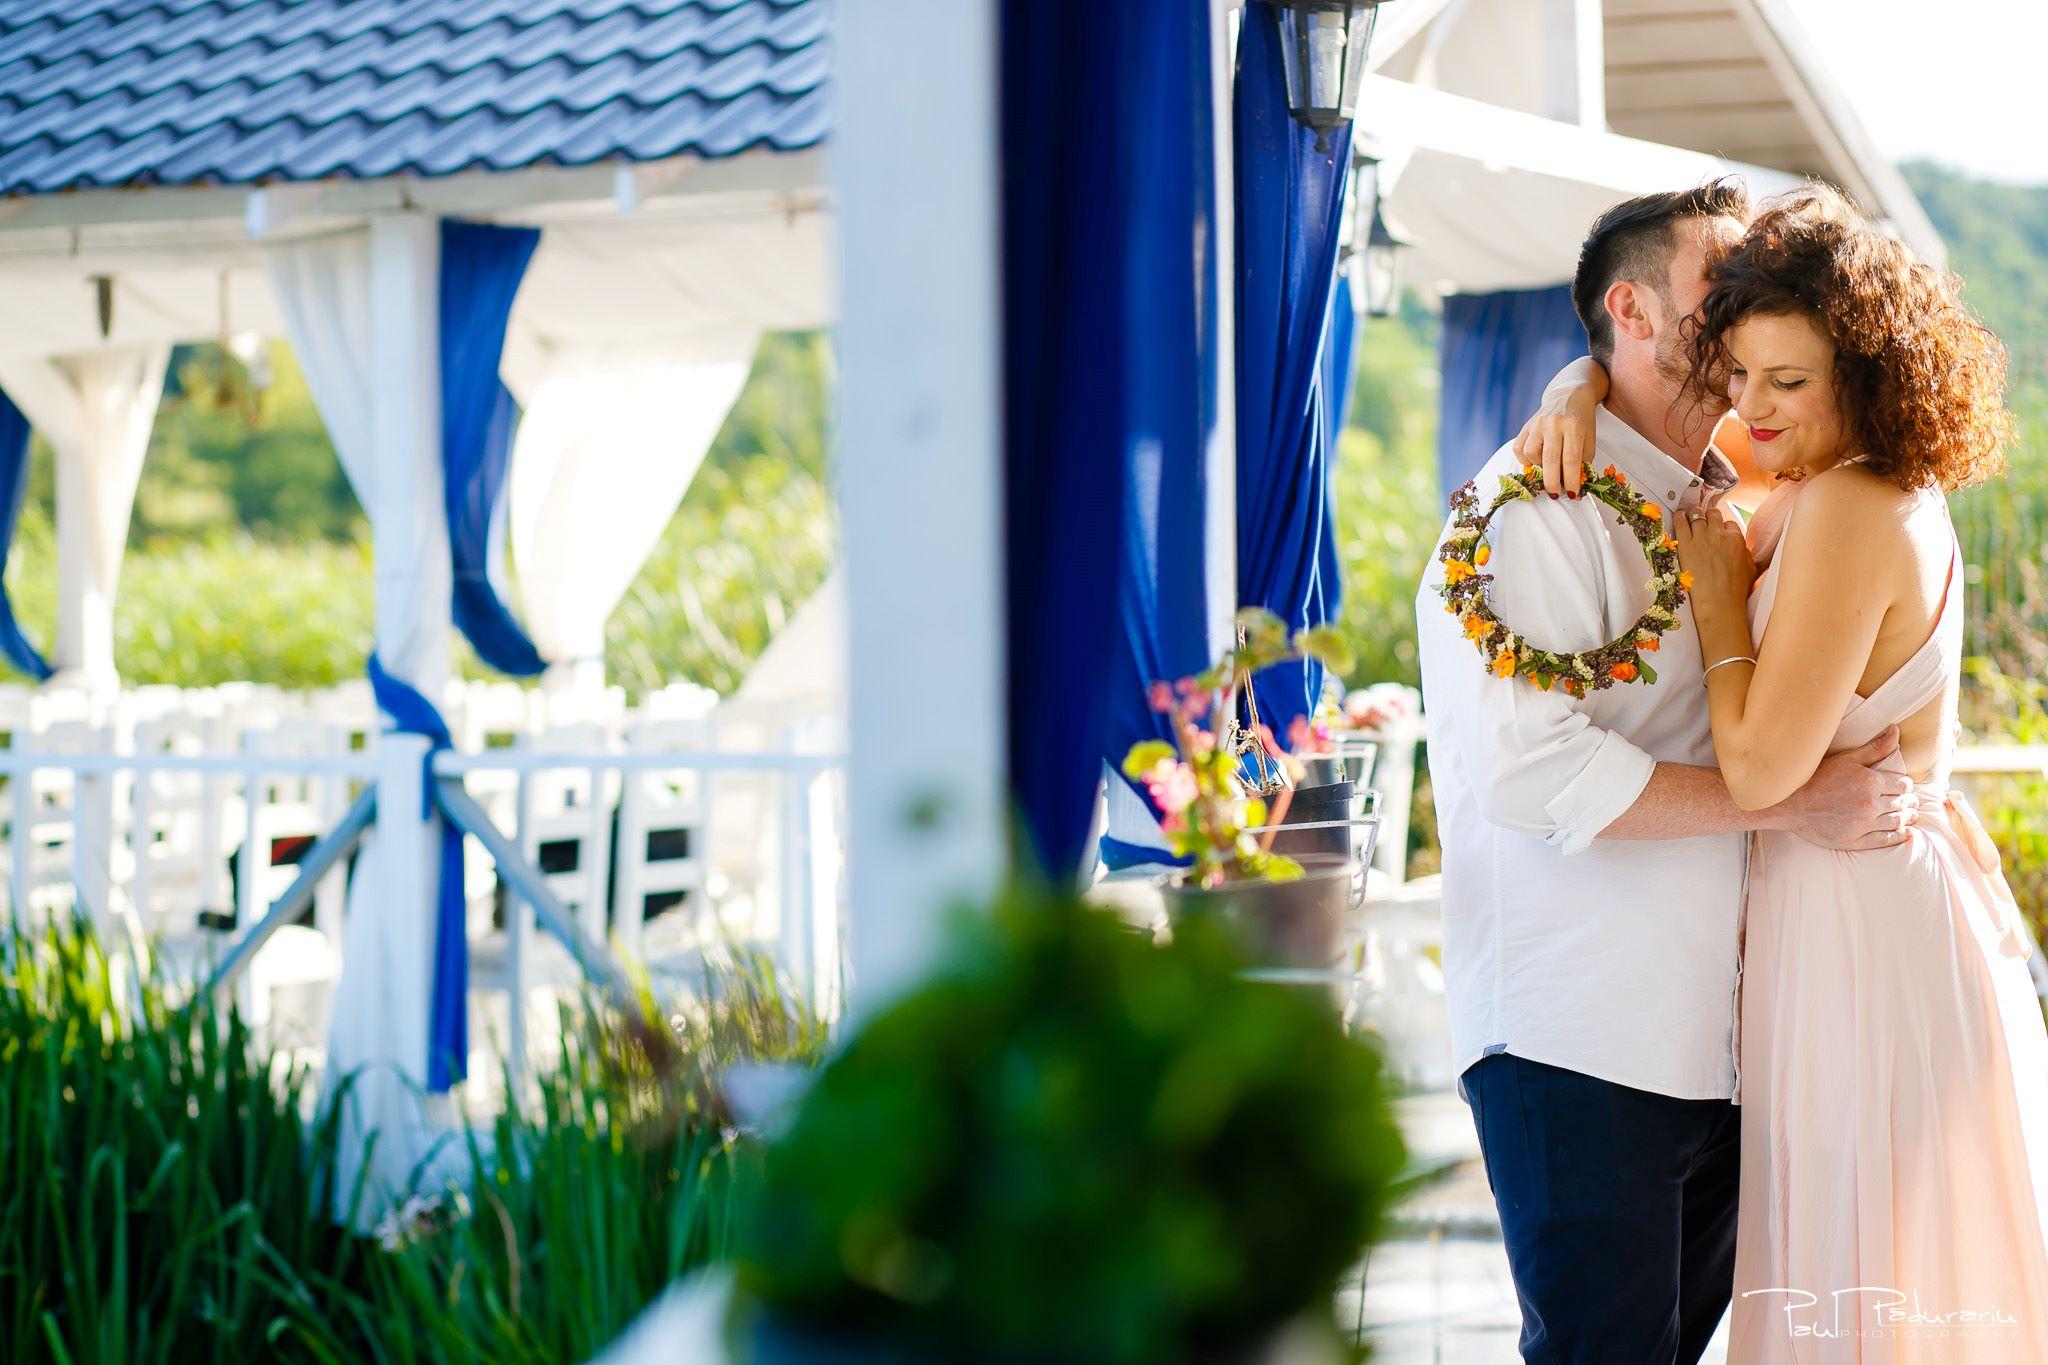 Mircea si Adina - shooting outdoor fotografie logodna | paul padurariu fotograf iasi 2019 6